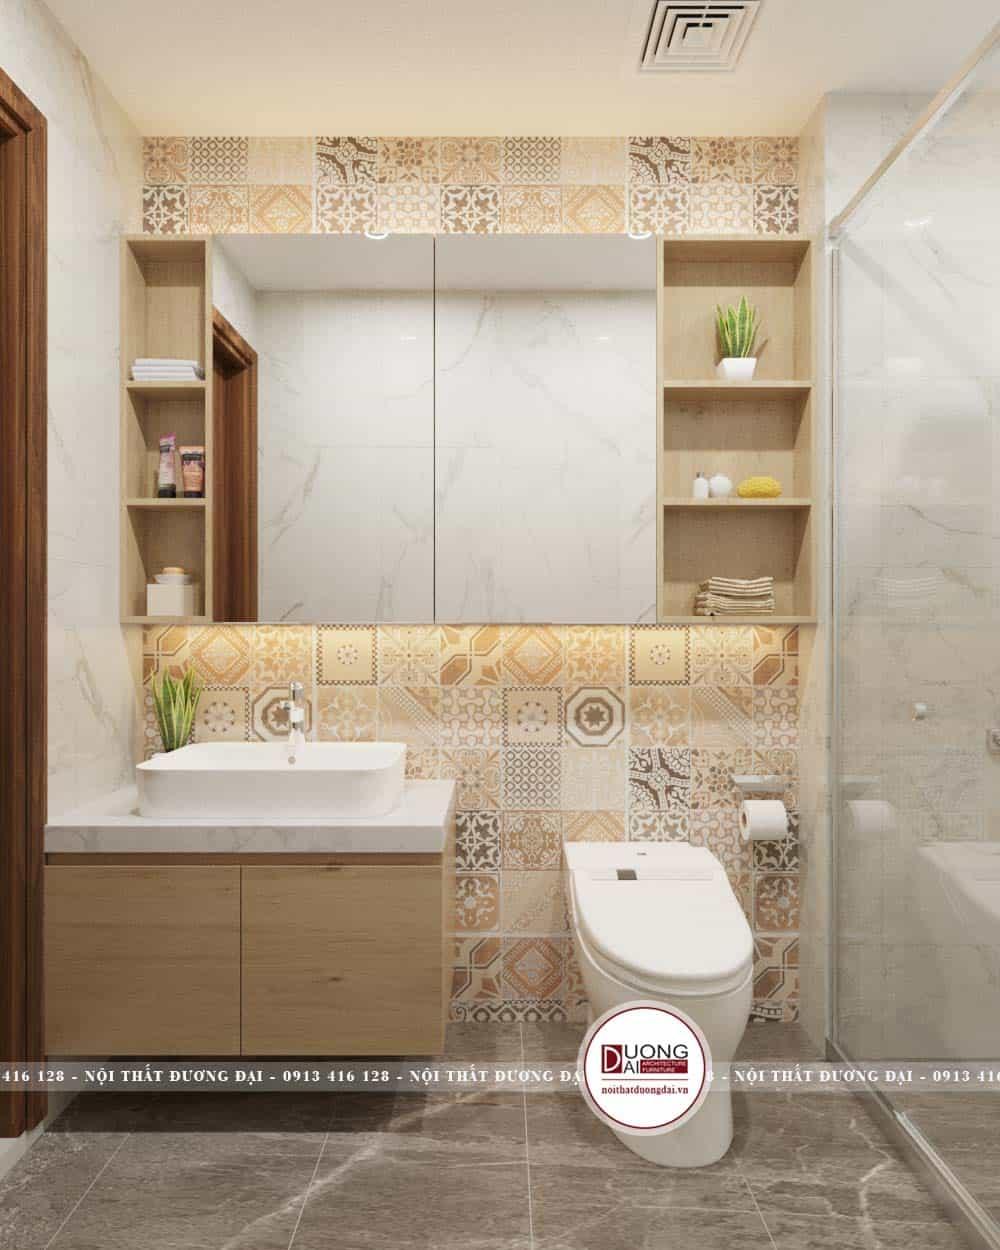 Phòng tắm được lát gạch hoa màu vàng nhạt